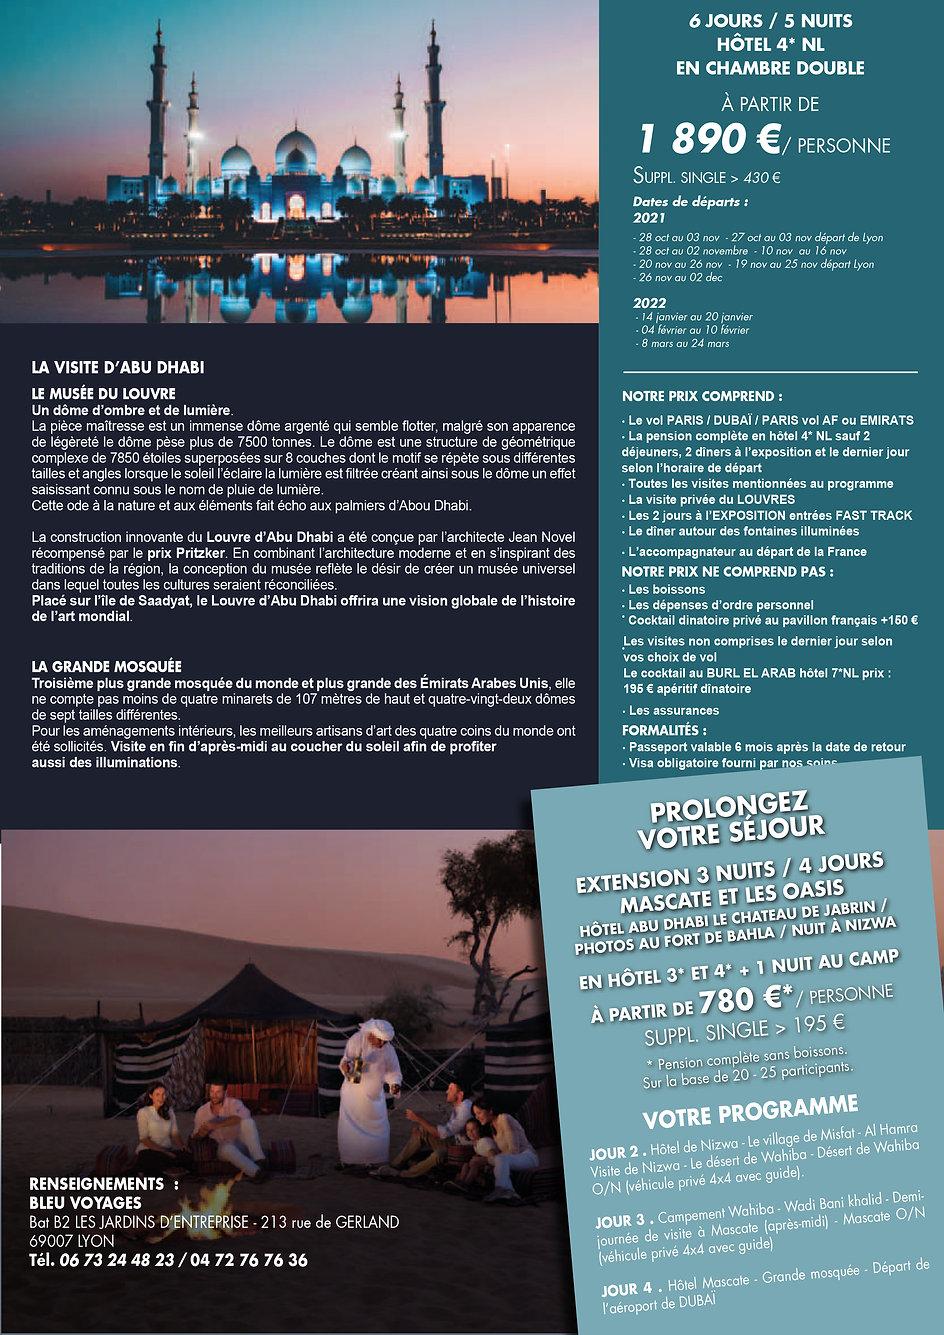 page-2-Dubai-6-jours-5-nuits-CE.jpg